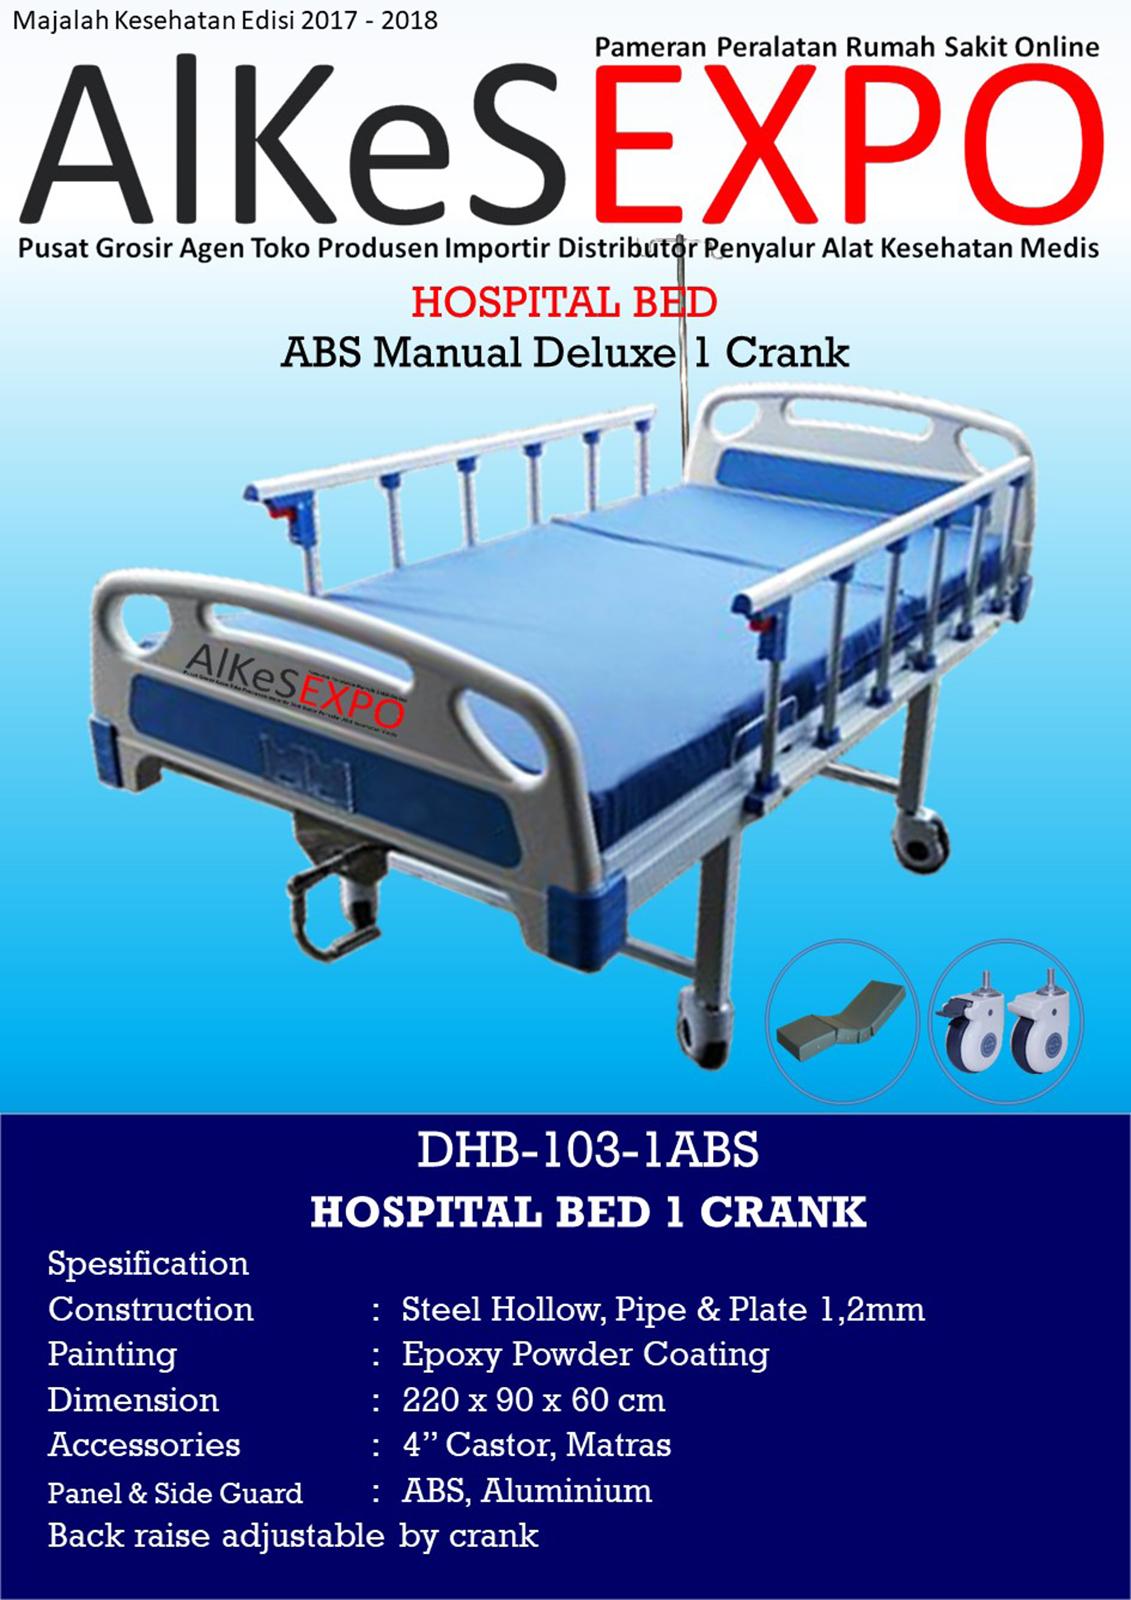 Ranjang Pasien Manual Deluxe 1 Crank DHB-103-1ABS